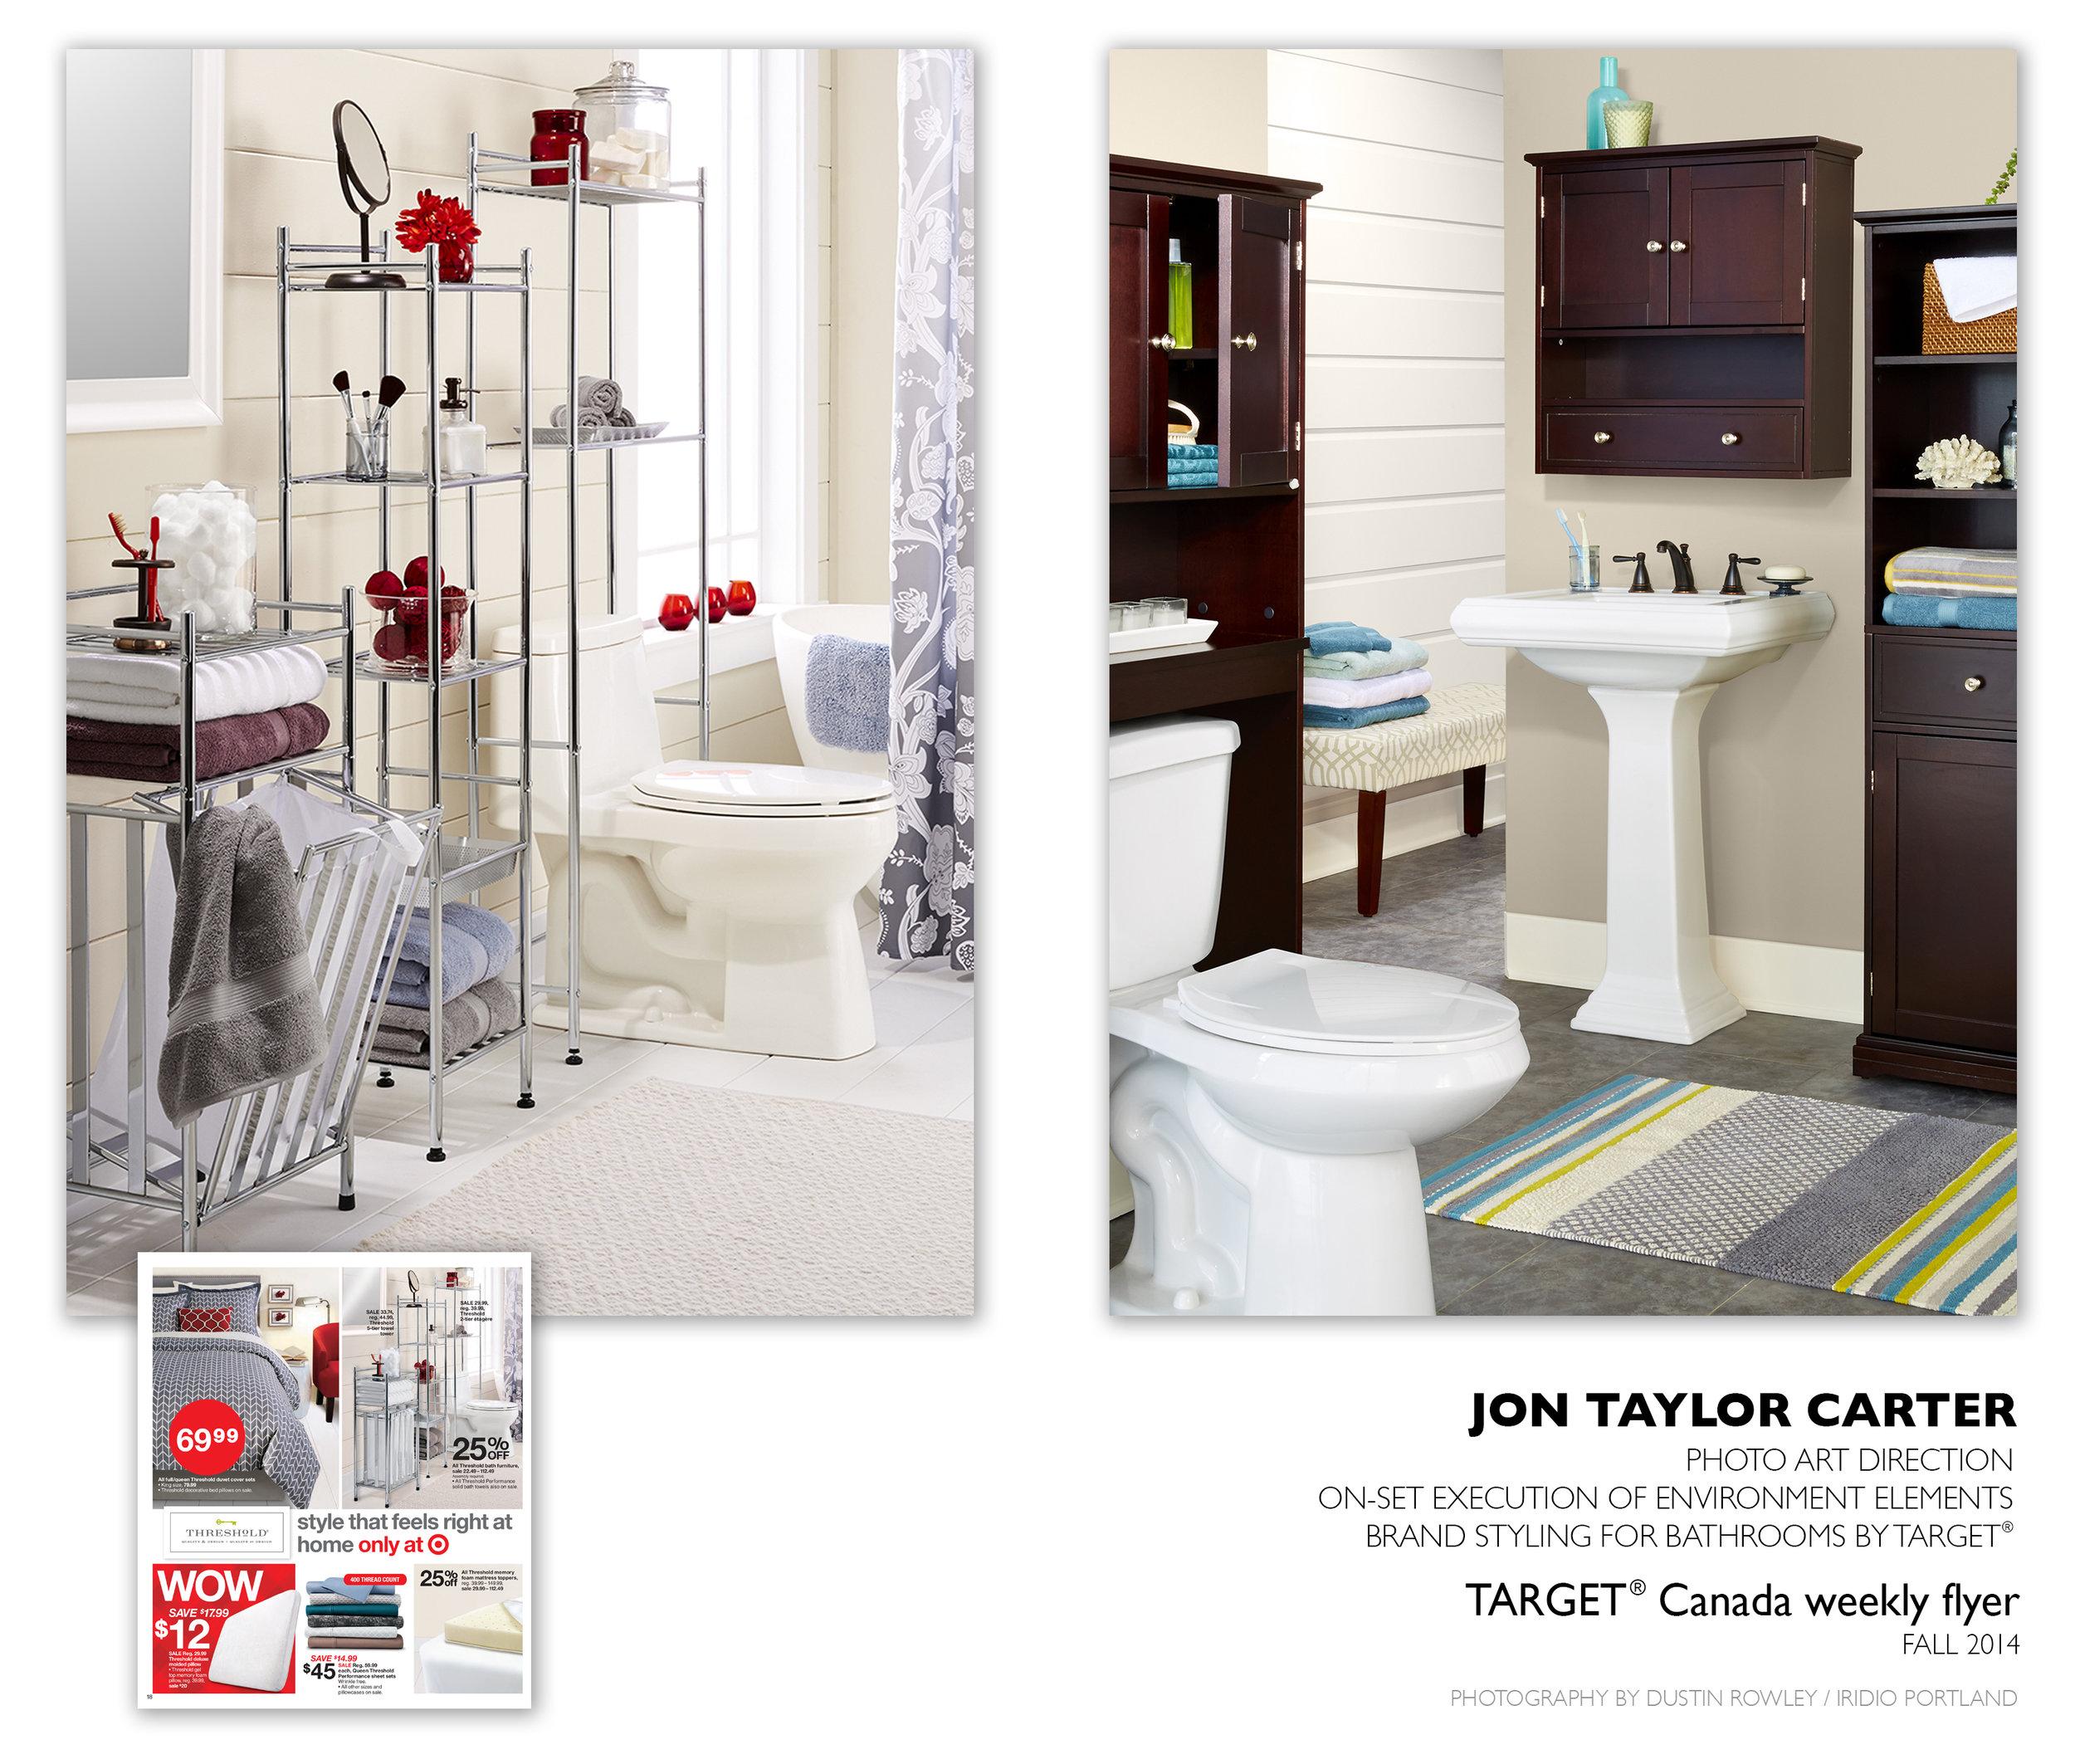 Target_2014_Bathrooms.jpg